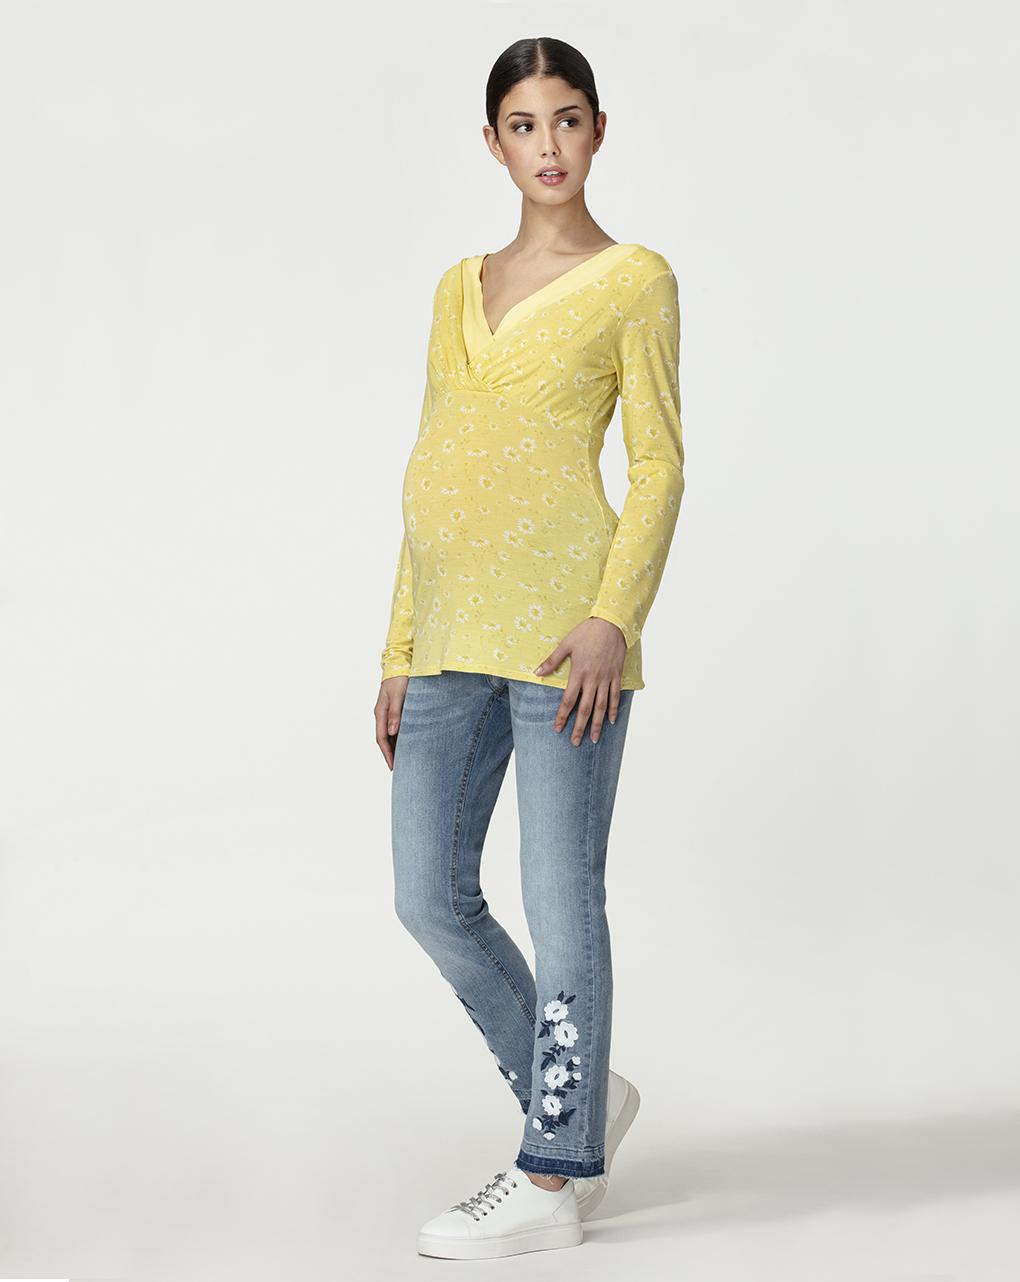 Γυναικεία Μπλούζα Θηλασμού Micromodal Κίτρινη